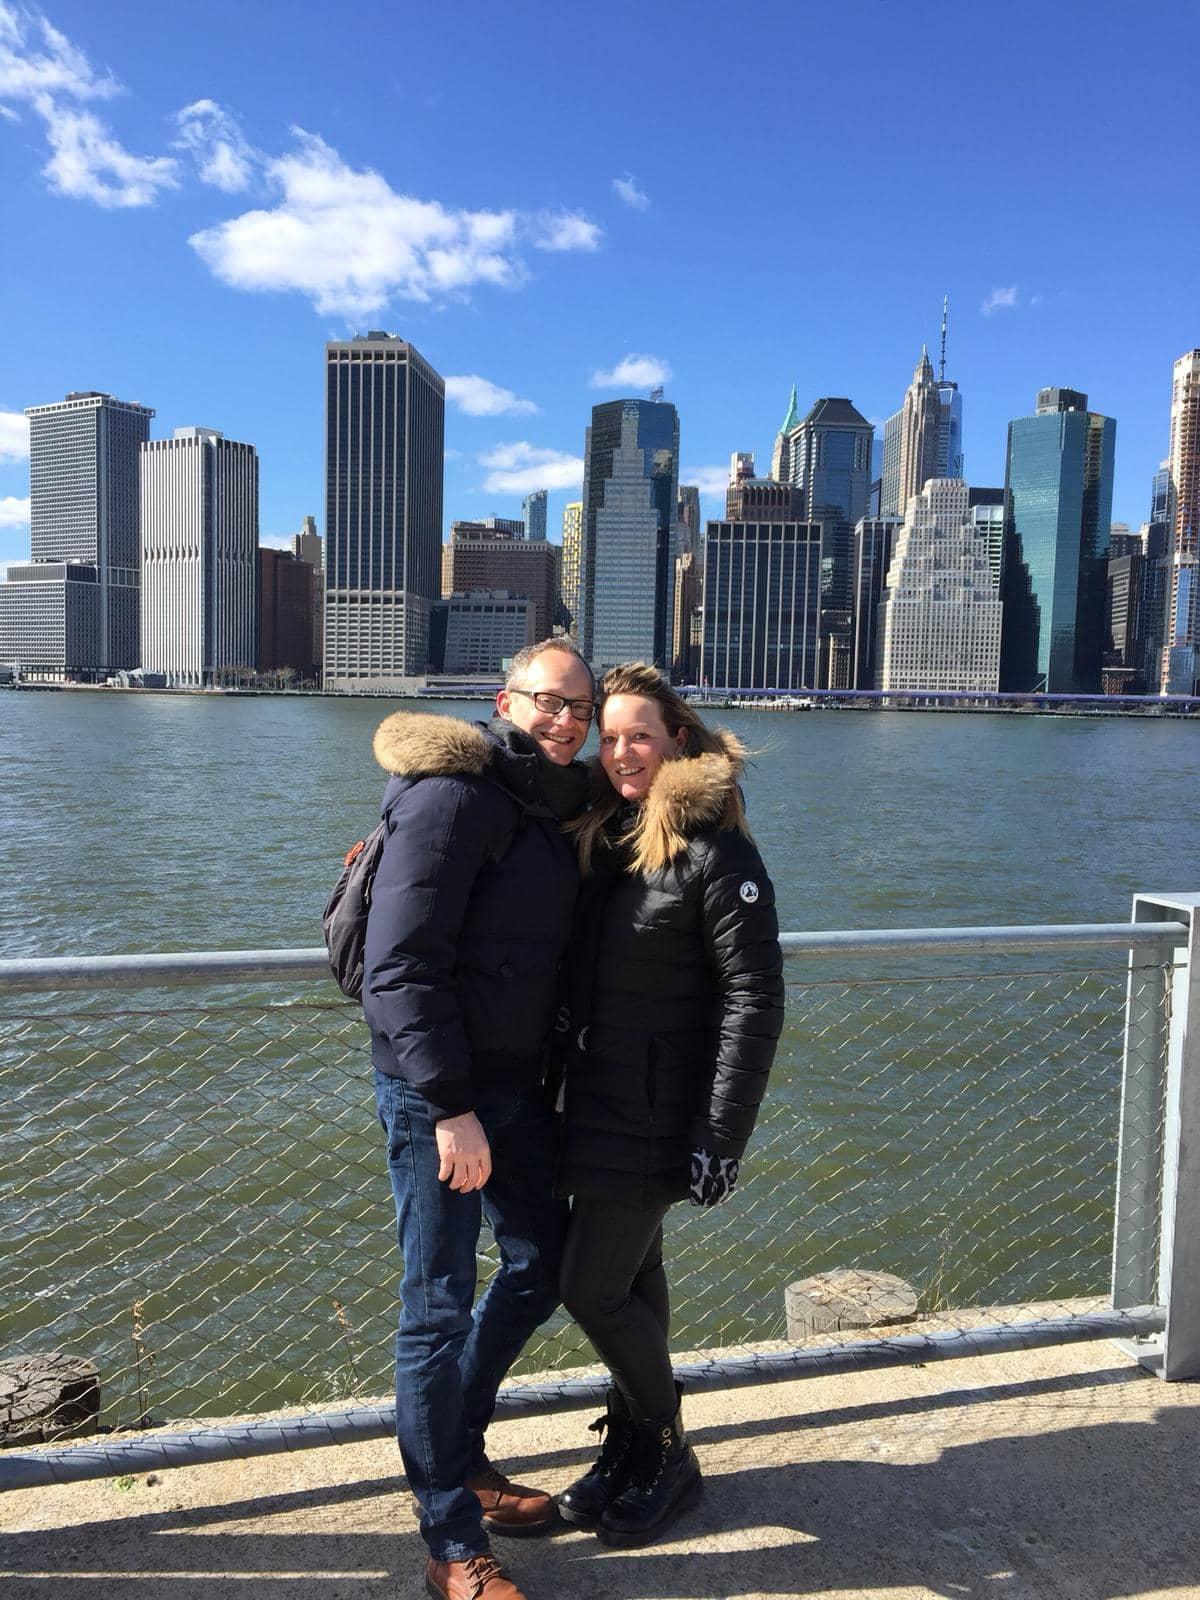 Gewinnen Sie eine Reise nach New York! - Skyline